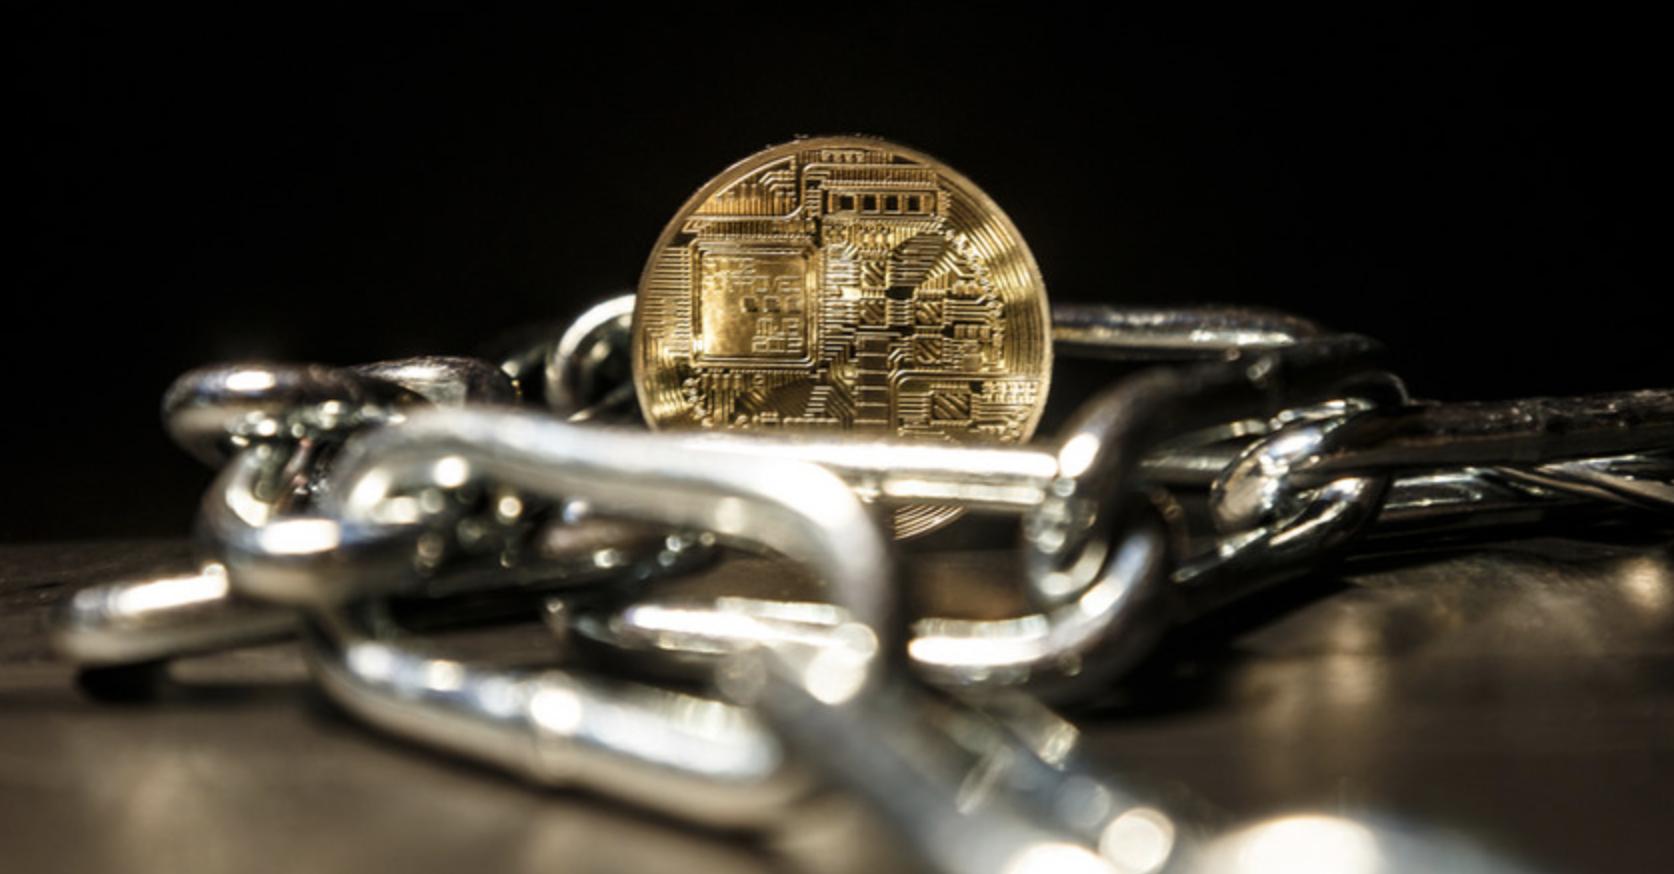 Inteligentne kontrakty na blockchain Business Insider Norbert Biedrzycki